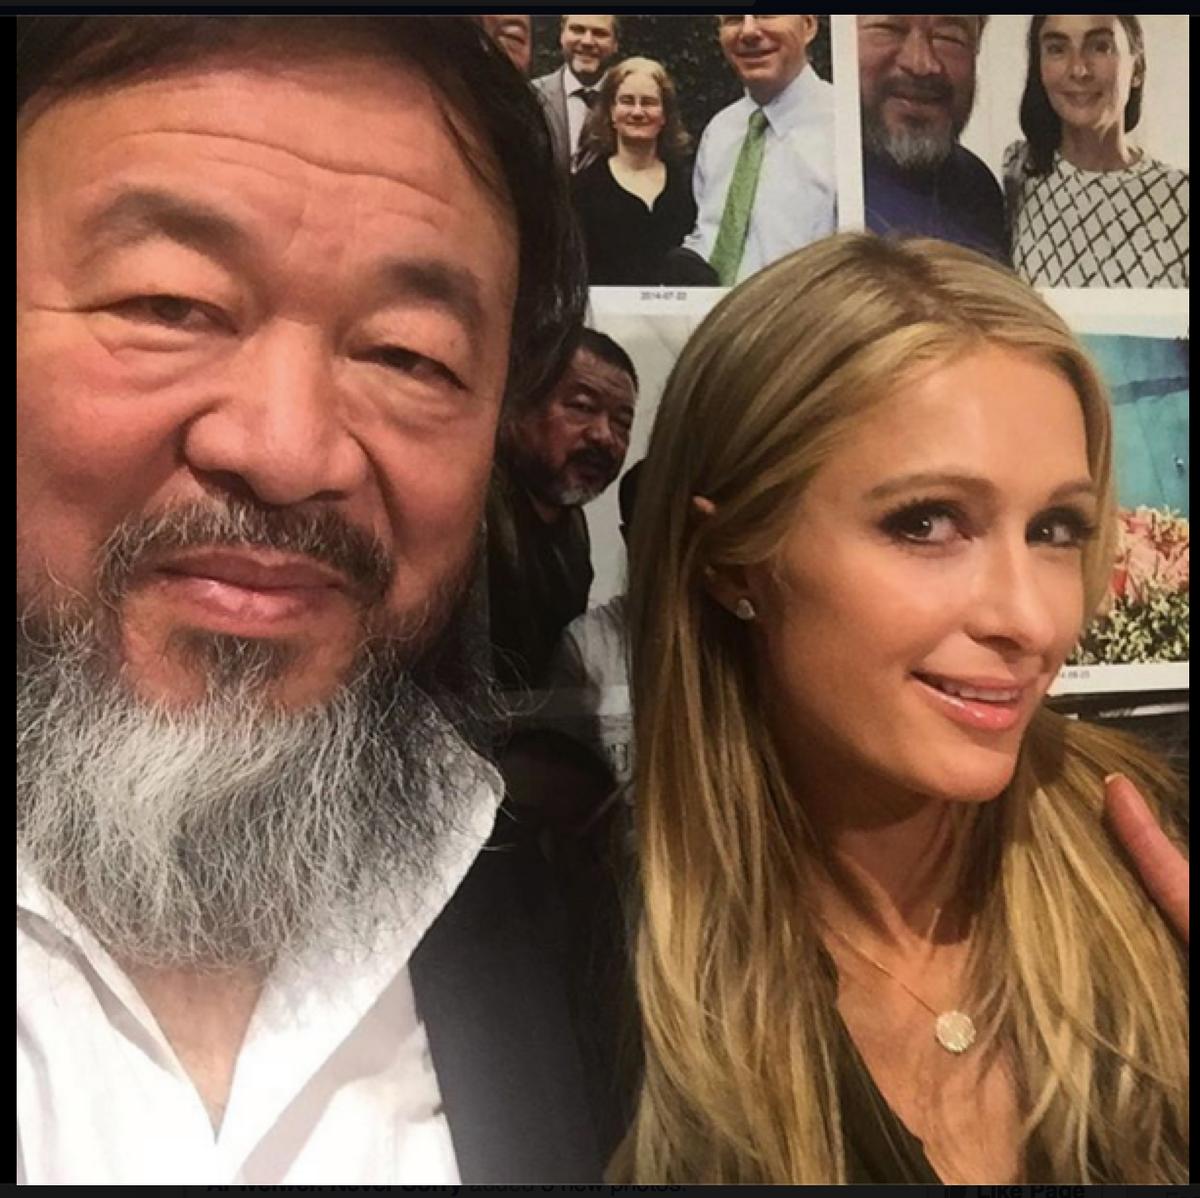 Paris Hilton just posted a selfie with Ai Weiwei. https://t.co/2X4eksPtk9